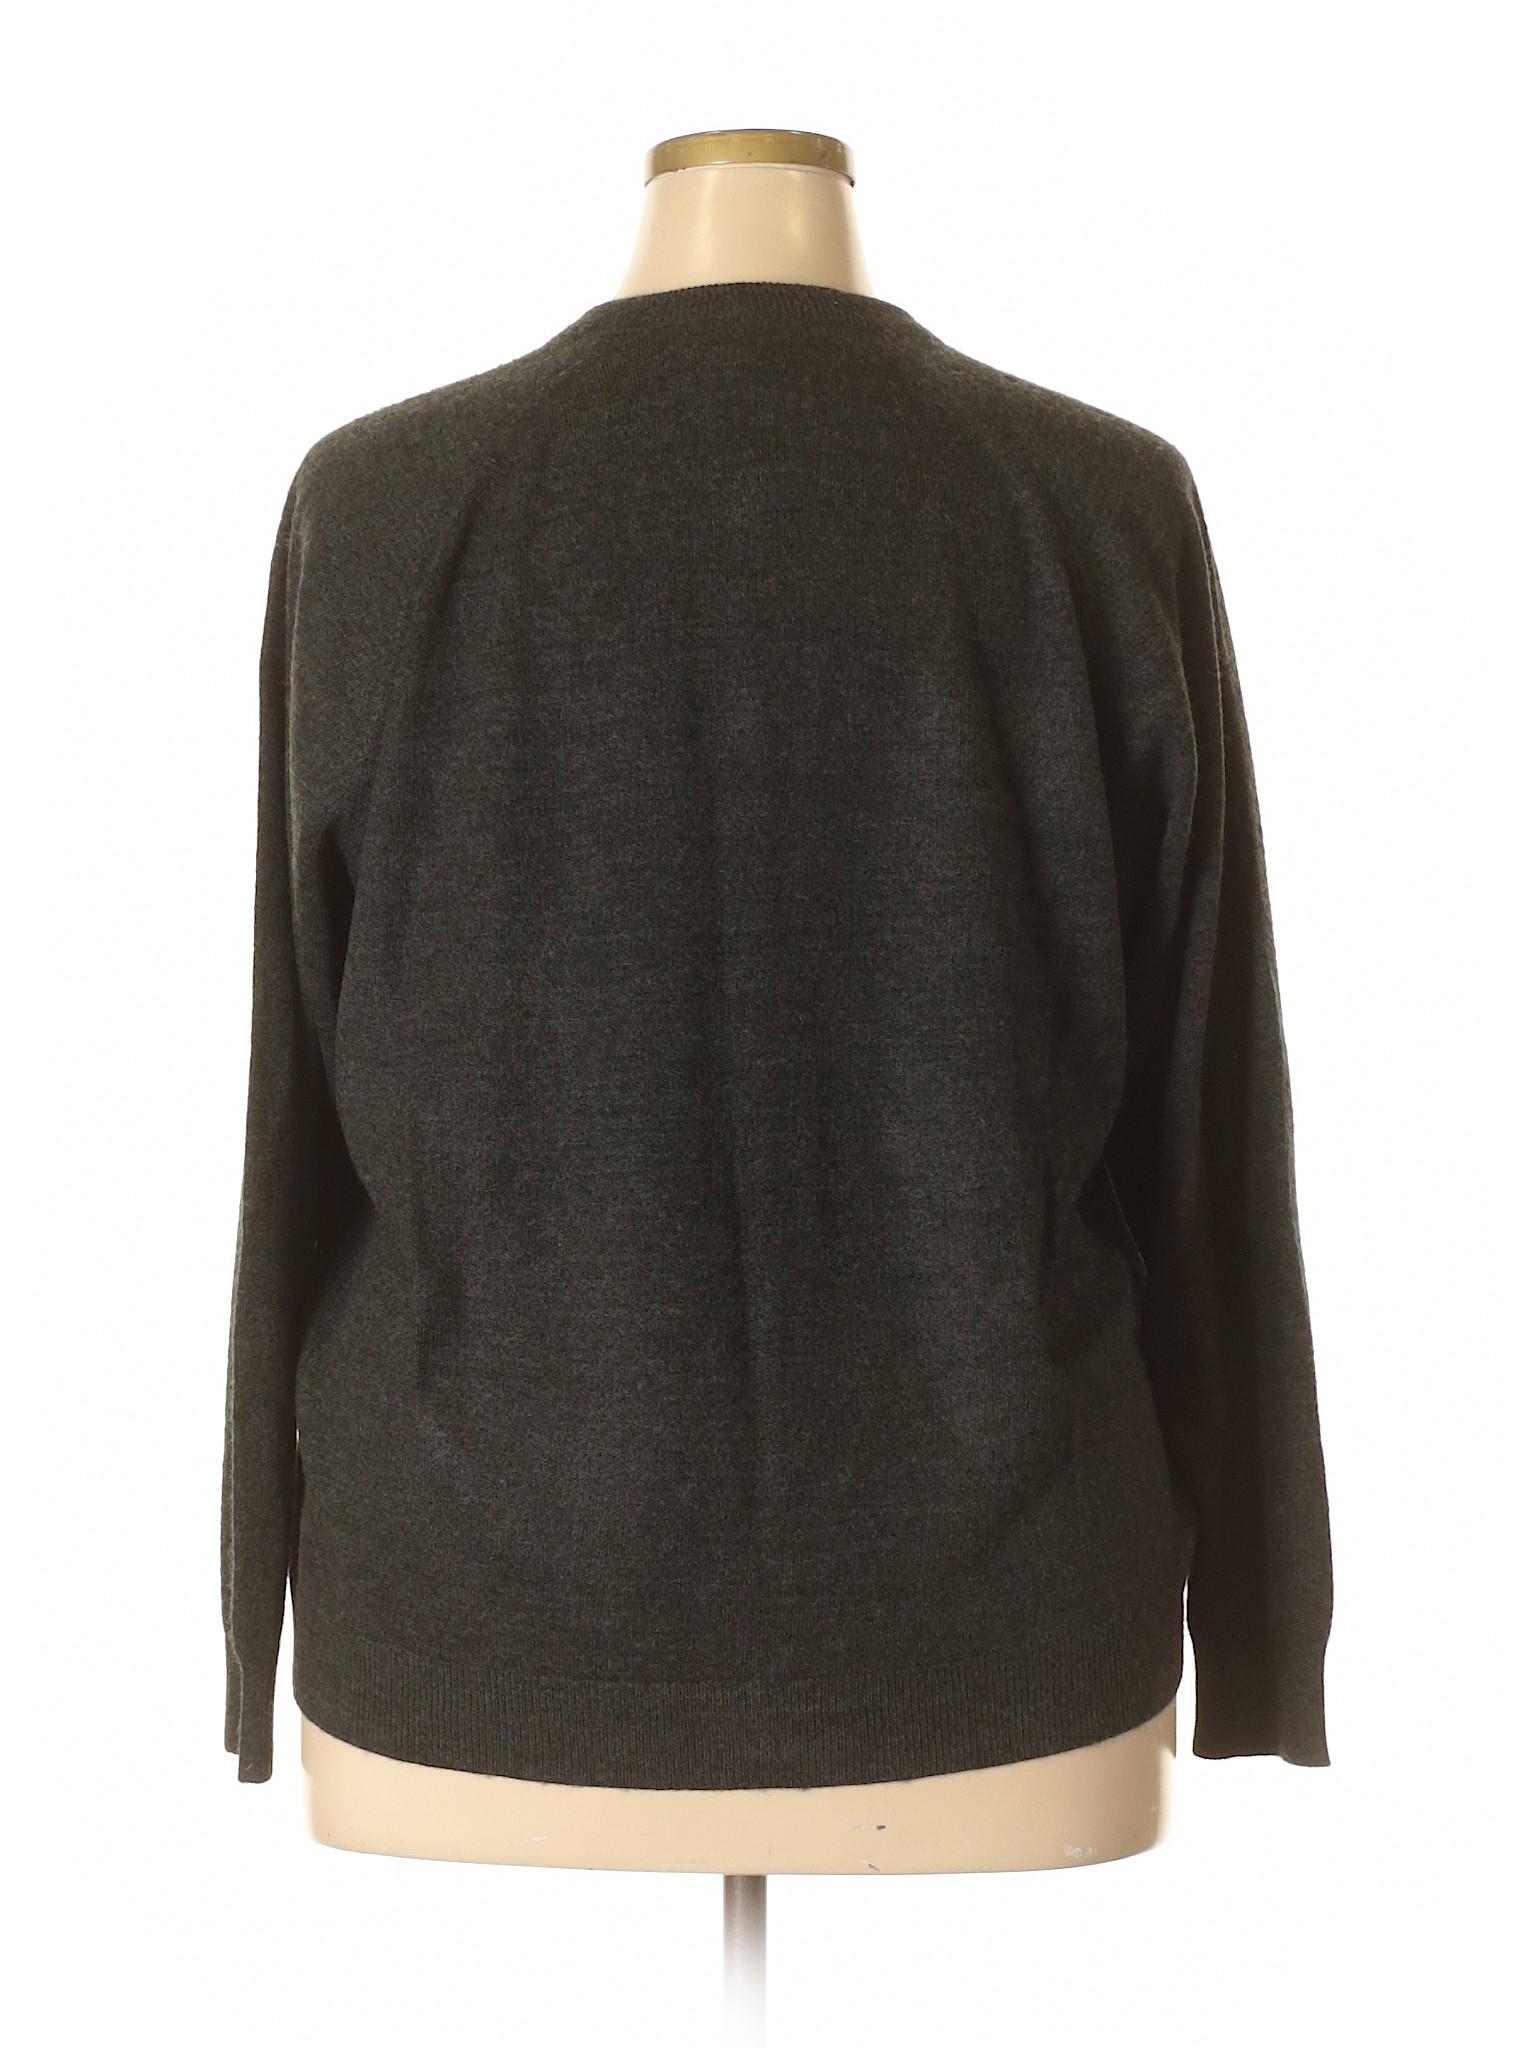 Originals Designers Originals Designers Cardigan Boutique winter Boutique Cardigan winter xp7Y0w7q